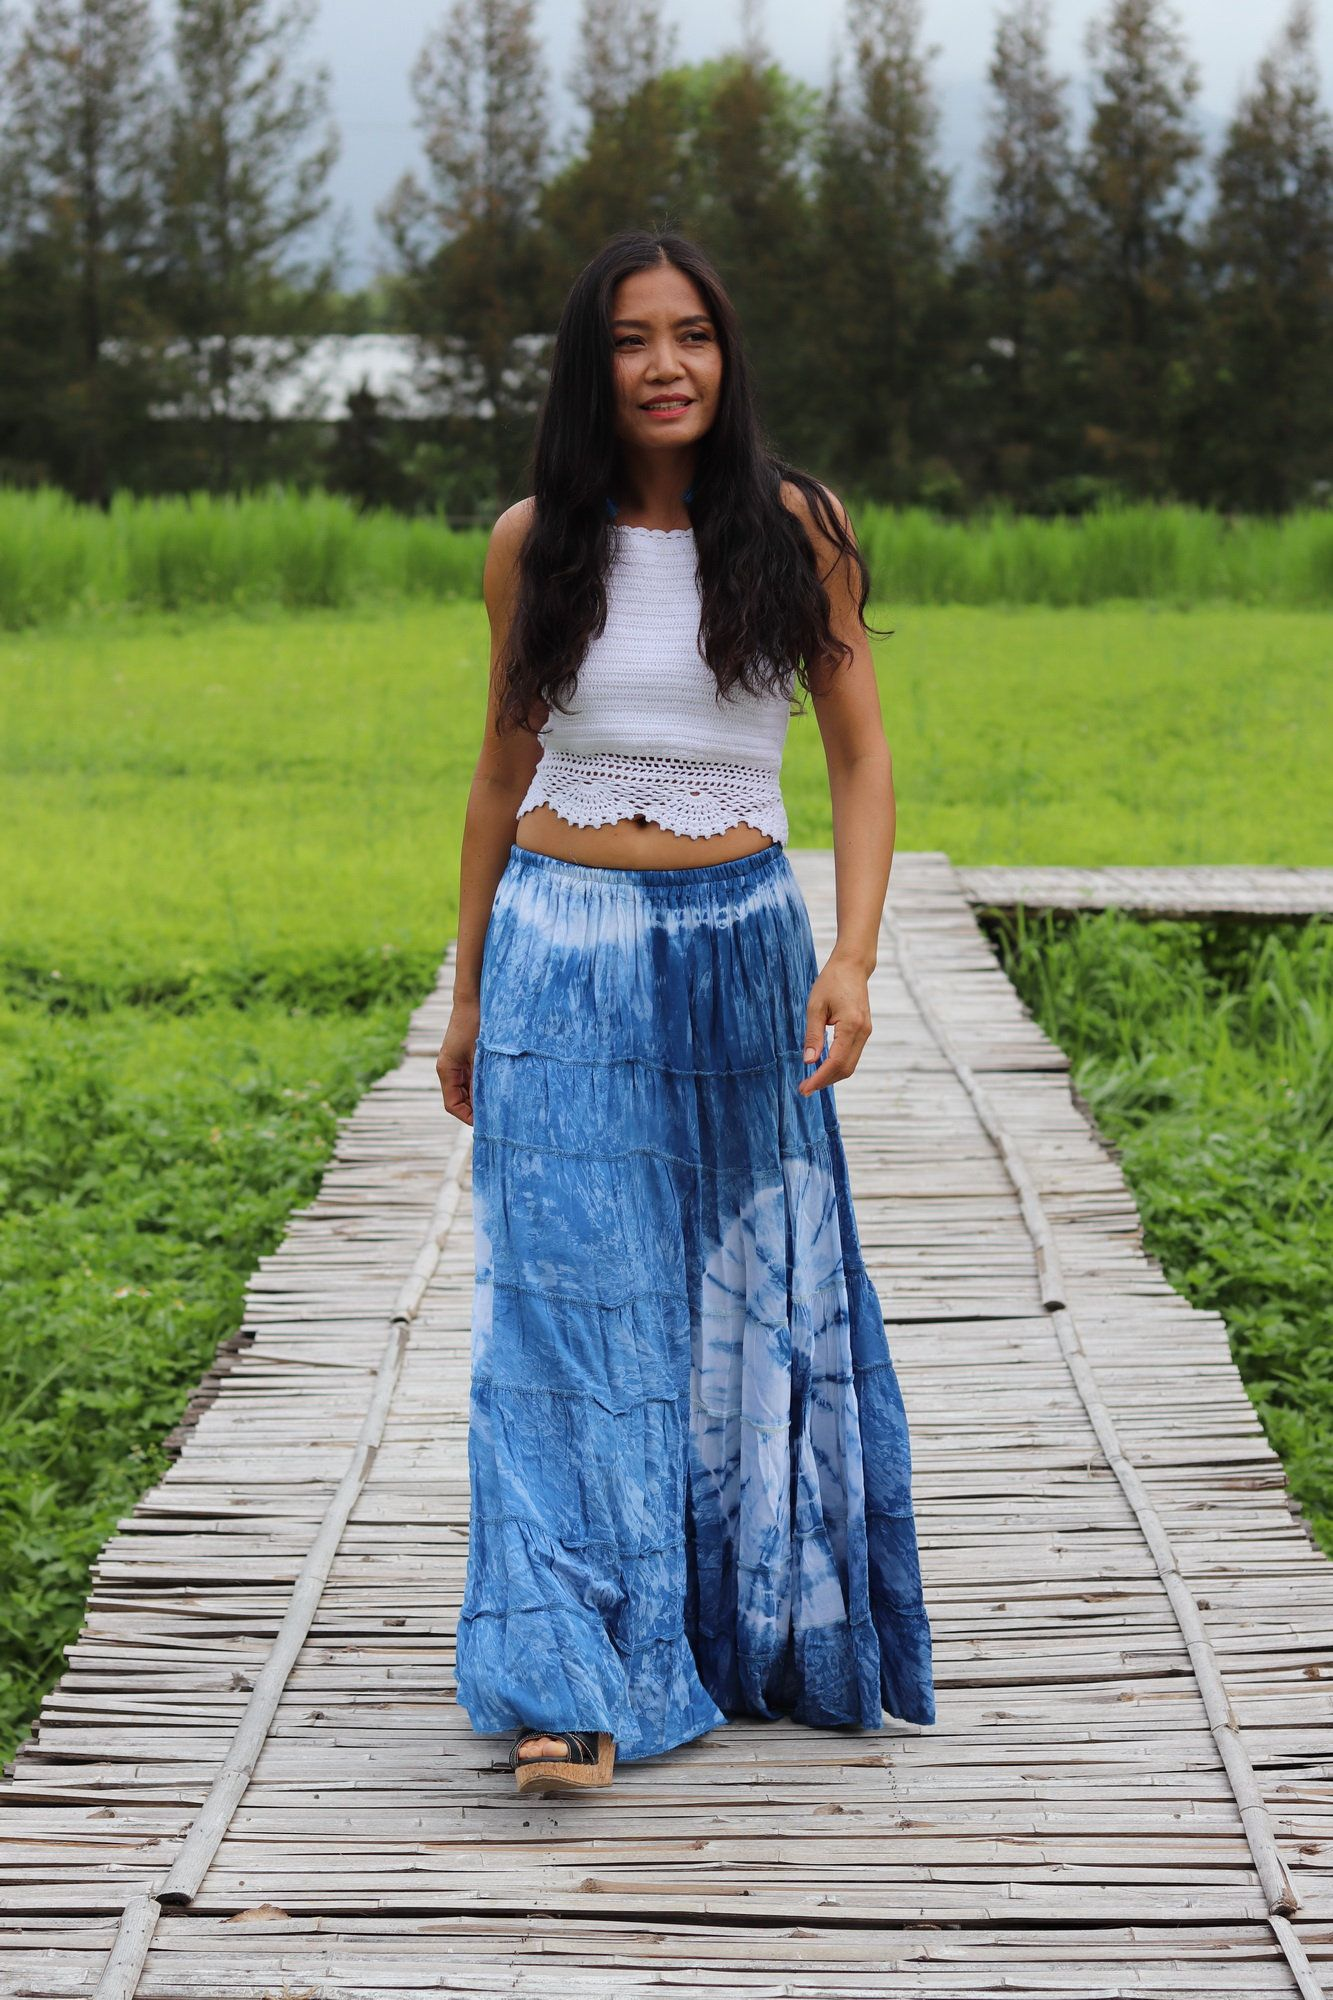 Bandhani Cotton Tie Dye Skirt Boho Skirt  Maxi Skirt  Maxi Boho Skirt Modest Skirt  Beach Skirt Full Length skirt  Tie Dye Skirt